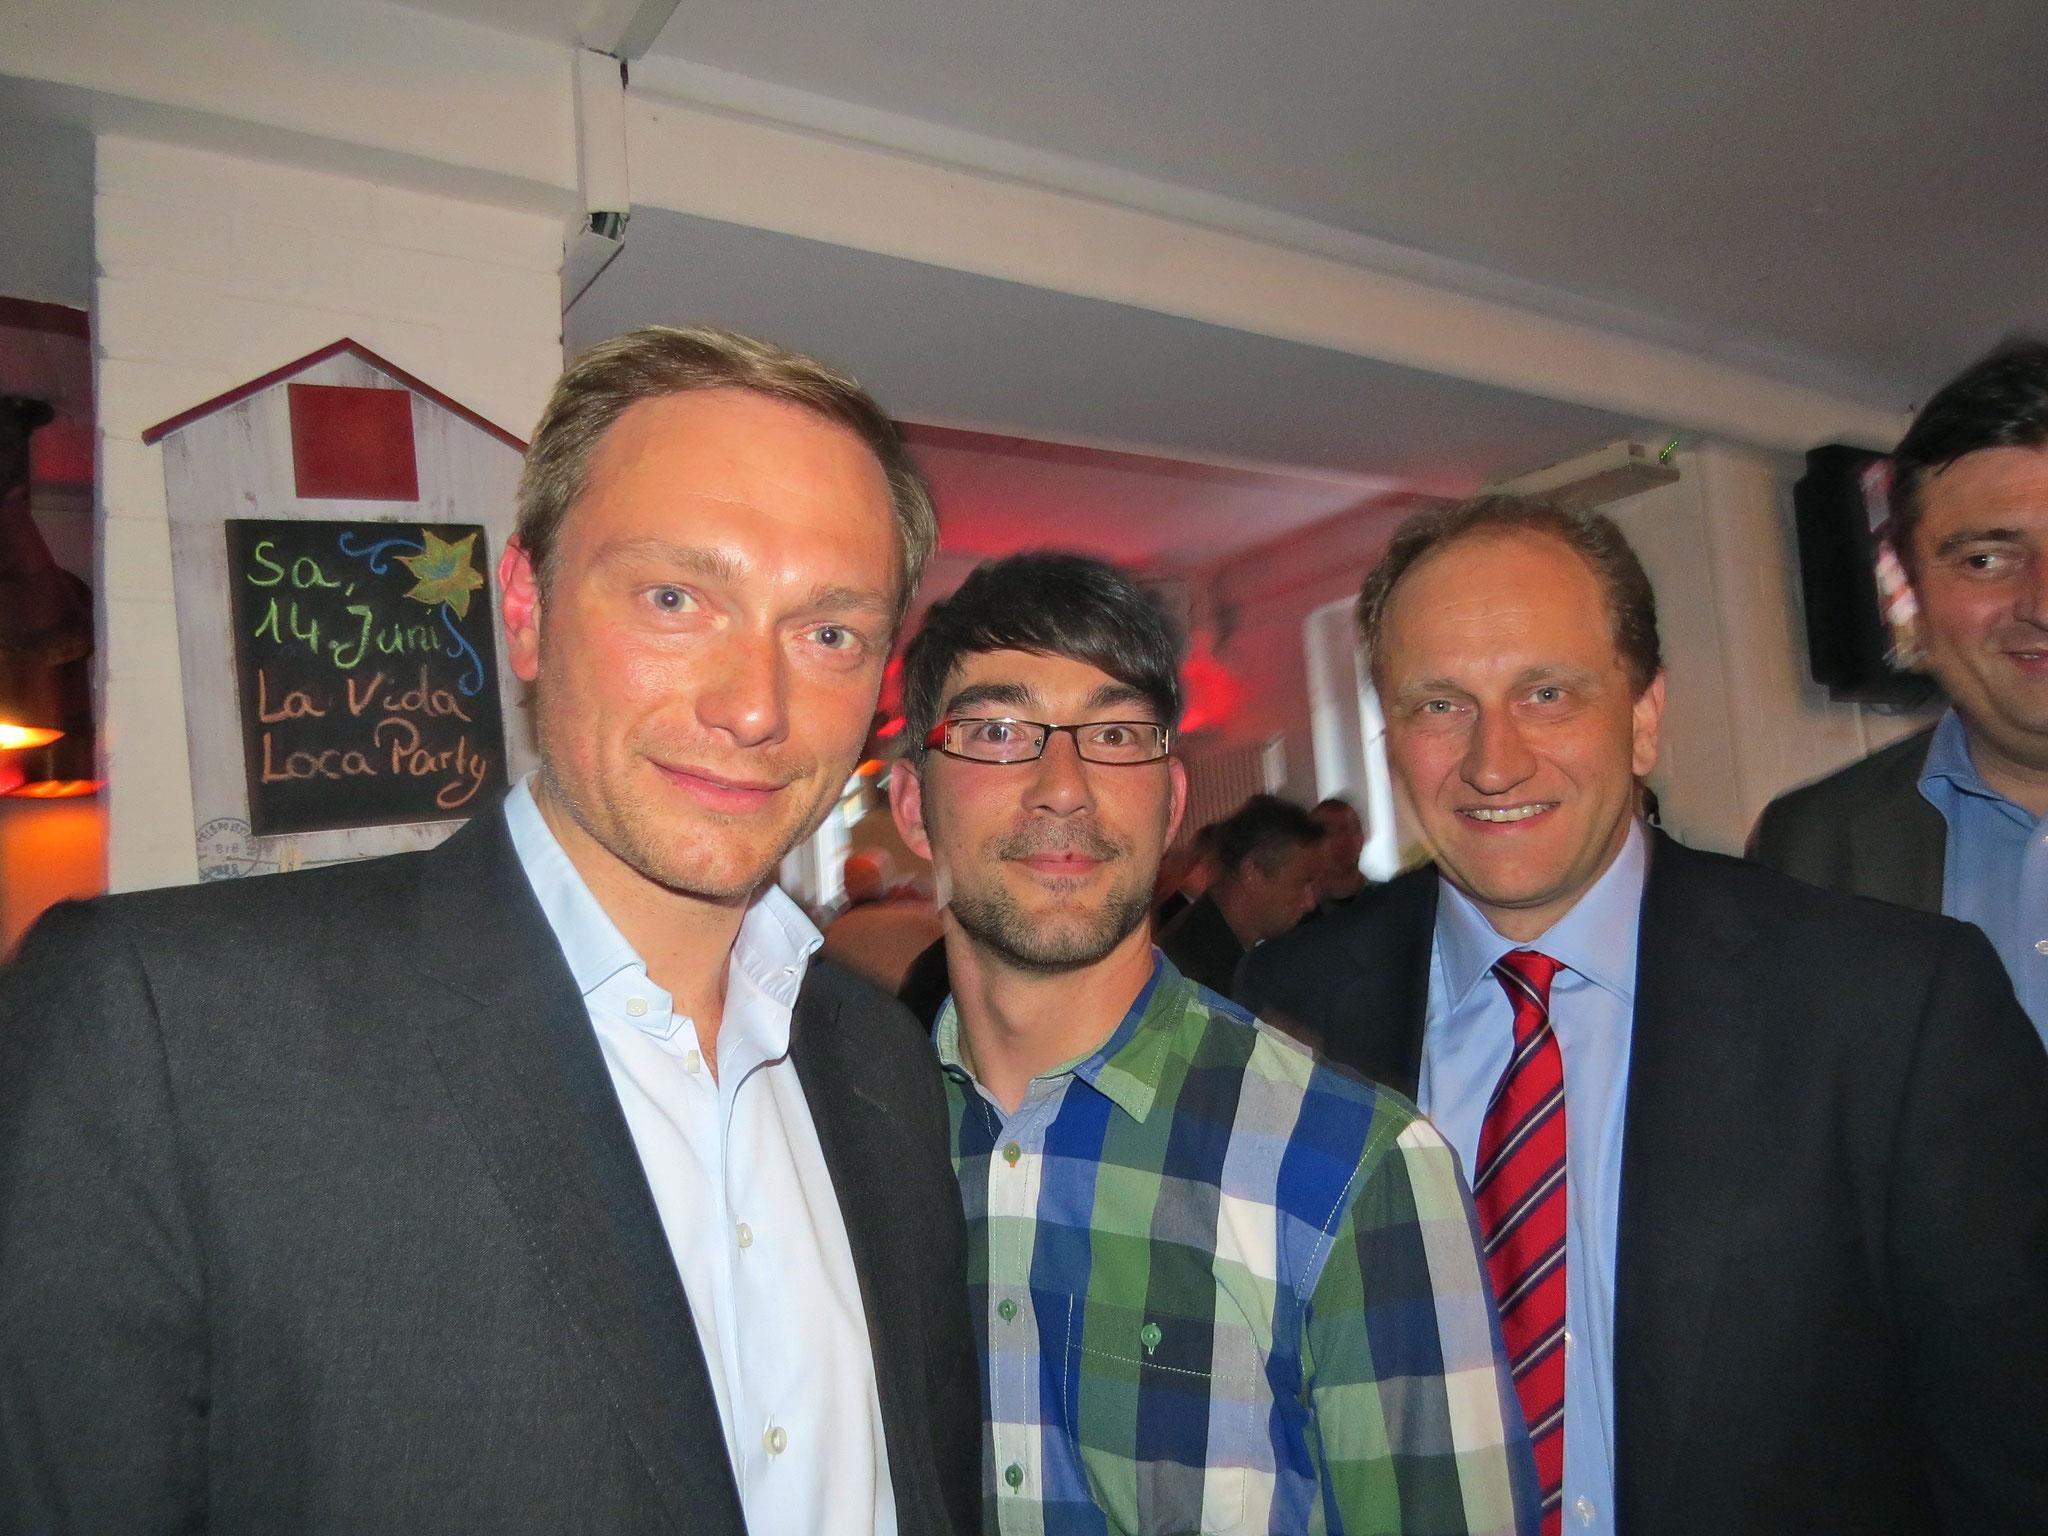 Wahlkampfveranstaltung 2014 in der Hausbrauerei Boente